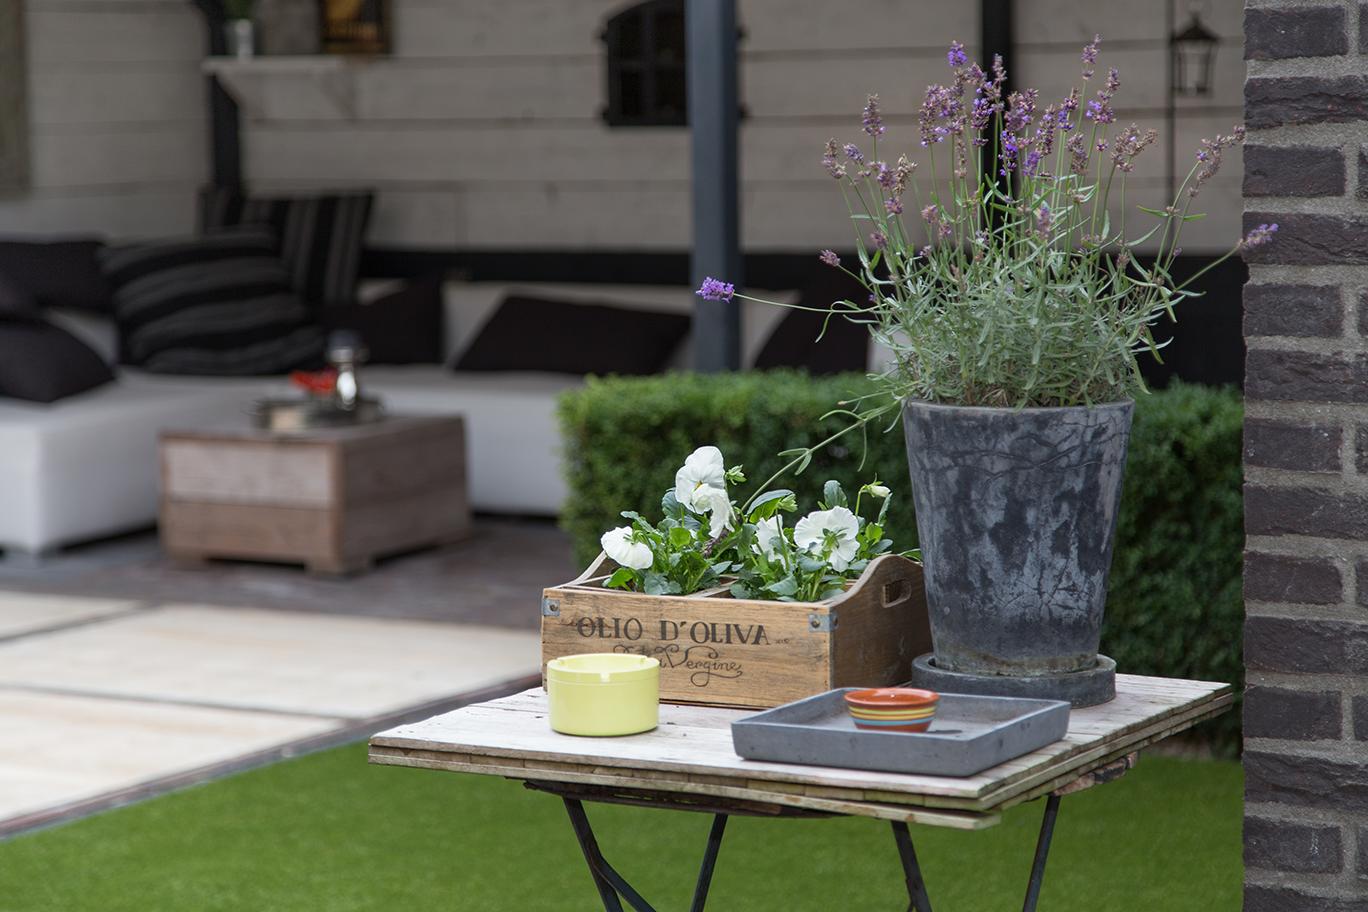 Lavendel In Grote Pot.Tuinen Van Vathorst Sfeermakers In De Tuin Een Grote Pot Met